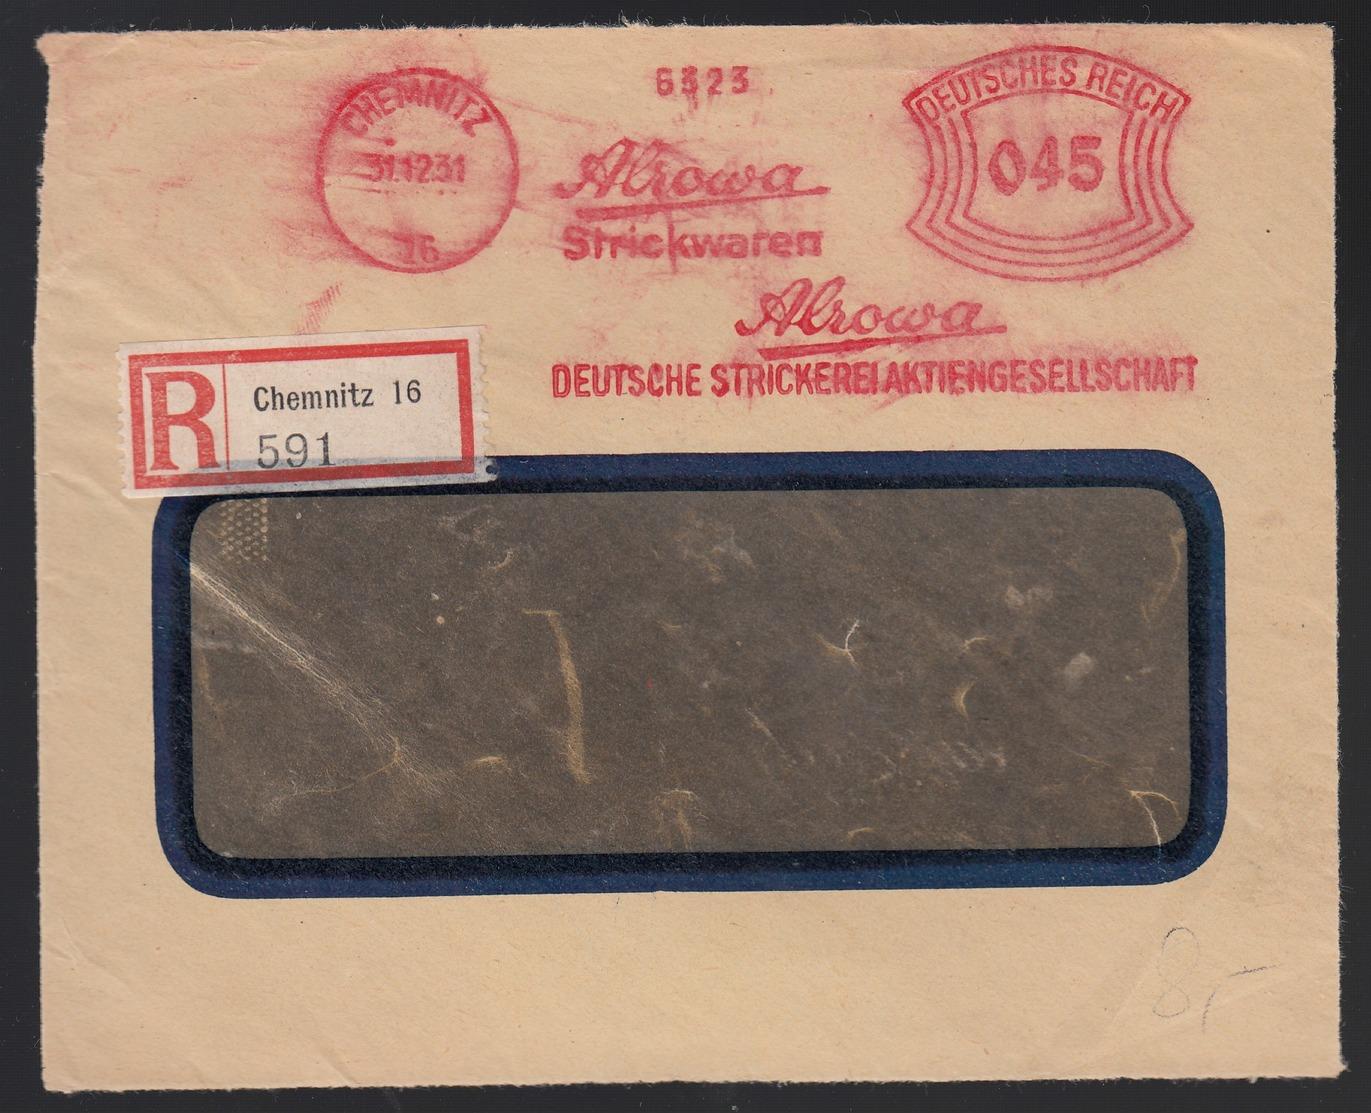 DR Einschreiben Firmenbrief Strickwaren Absenderfreistempel AFS 1931 Briefvorderseite Ab Chemnitz K272 - Deutschland